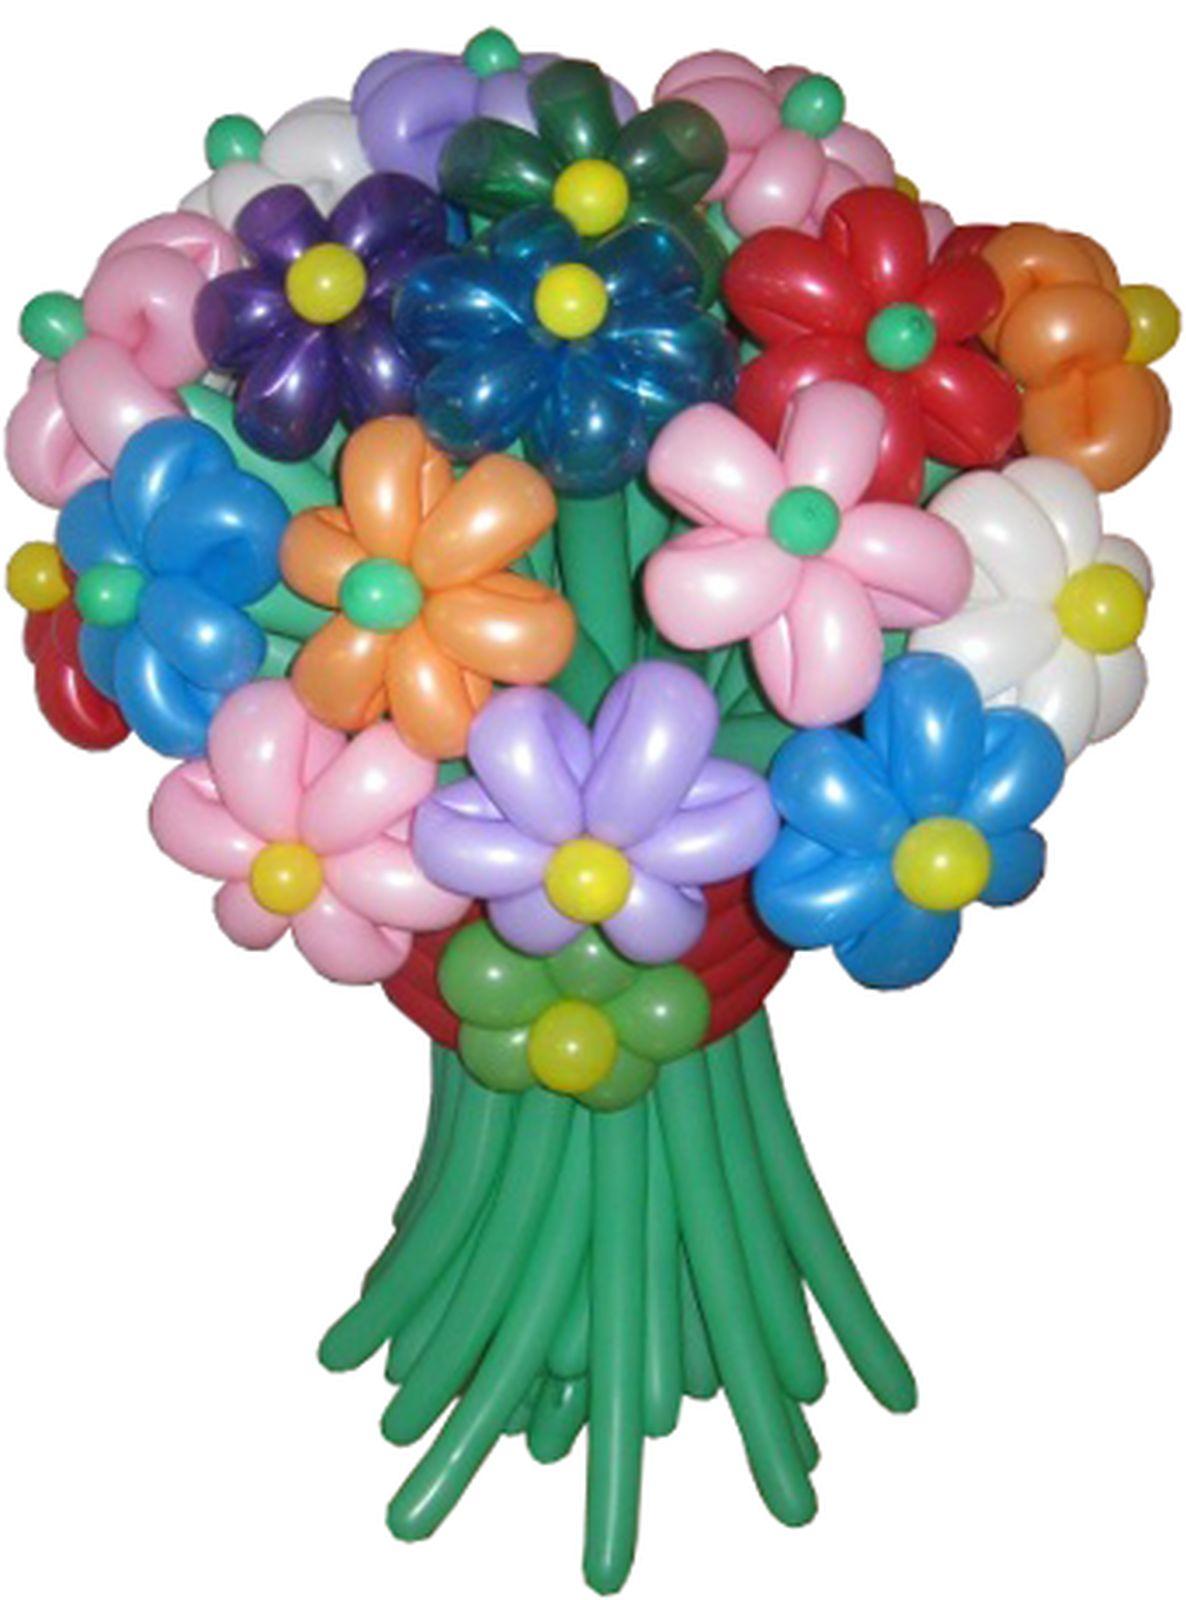 Оригинальный букет из шаров для любимых учителей 3 Москва